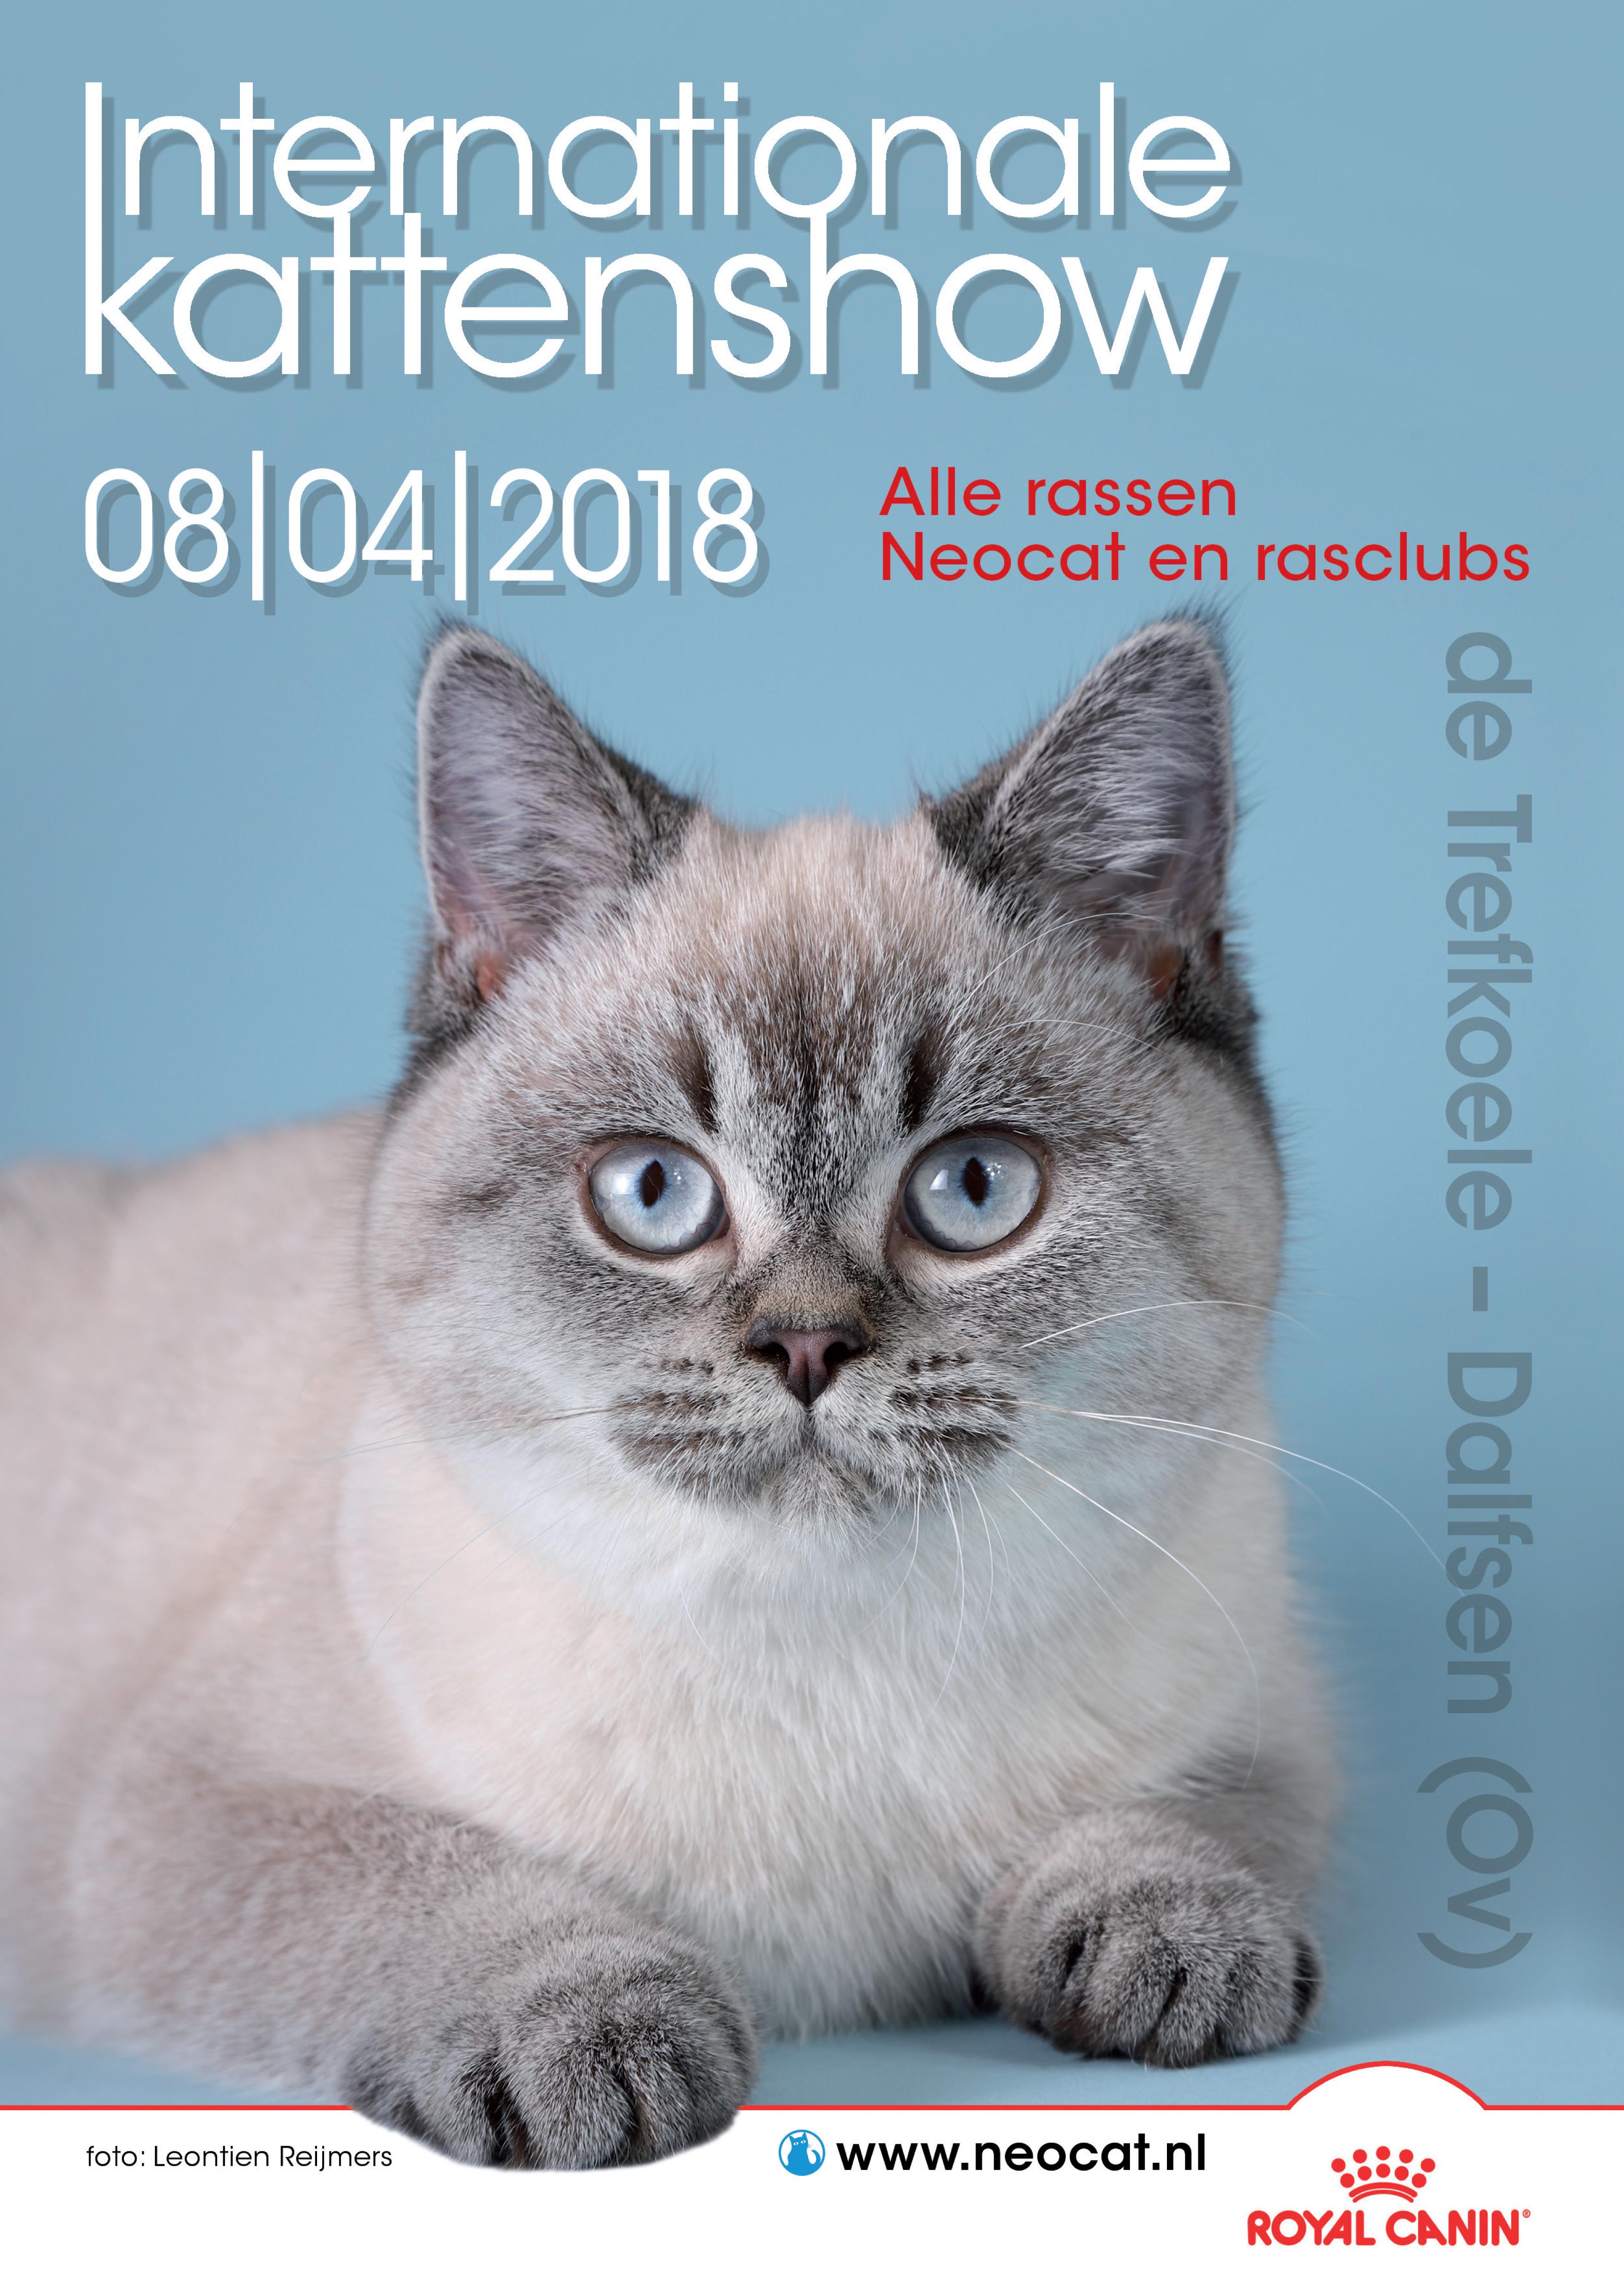 Kattenshow in Dalfsen